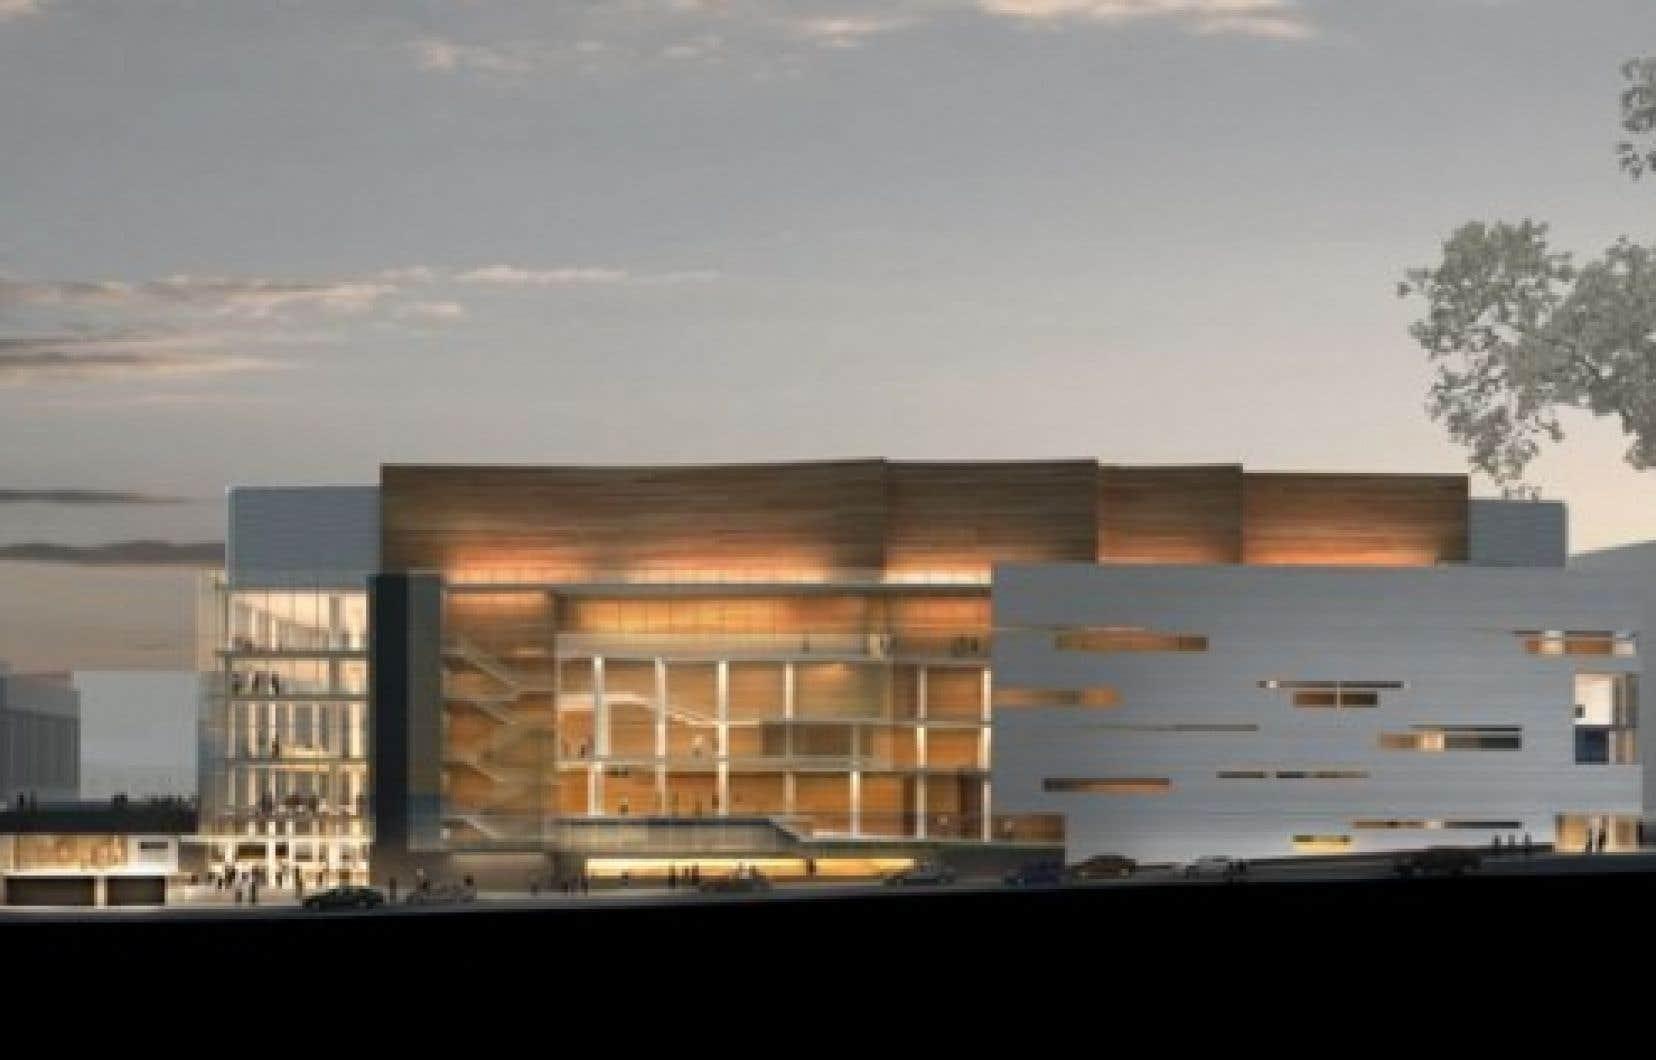 inauguration de la nouvelle salle de l osm la maison symphonique de montr al le devoir. Black Bedroom Furniture Sets. Home Design Ideas